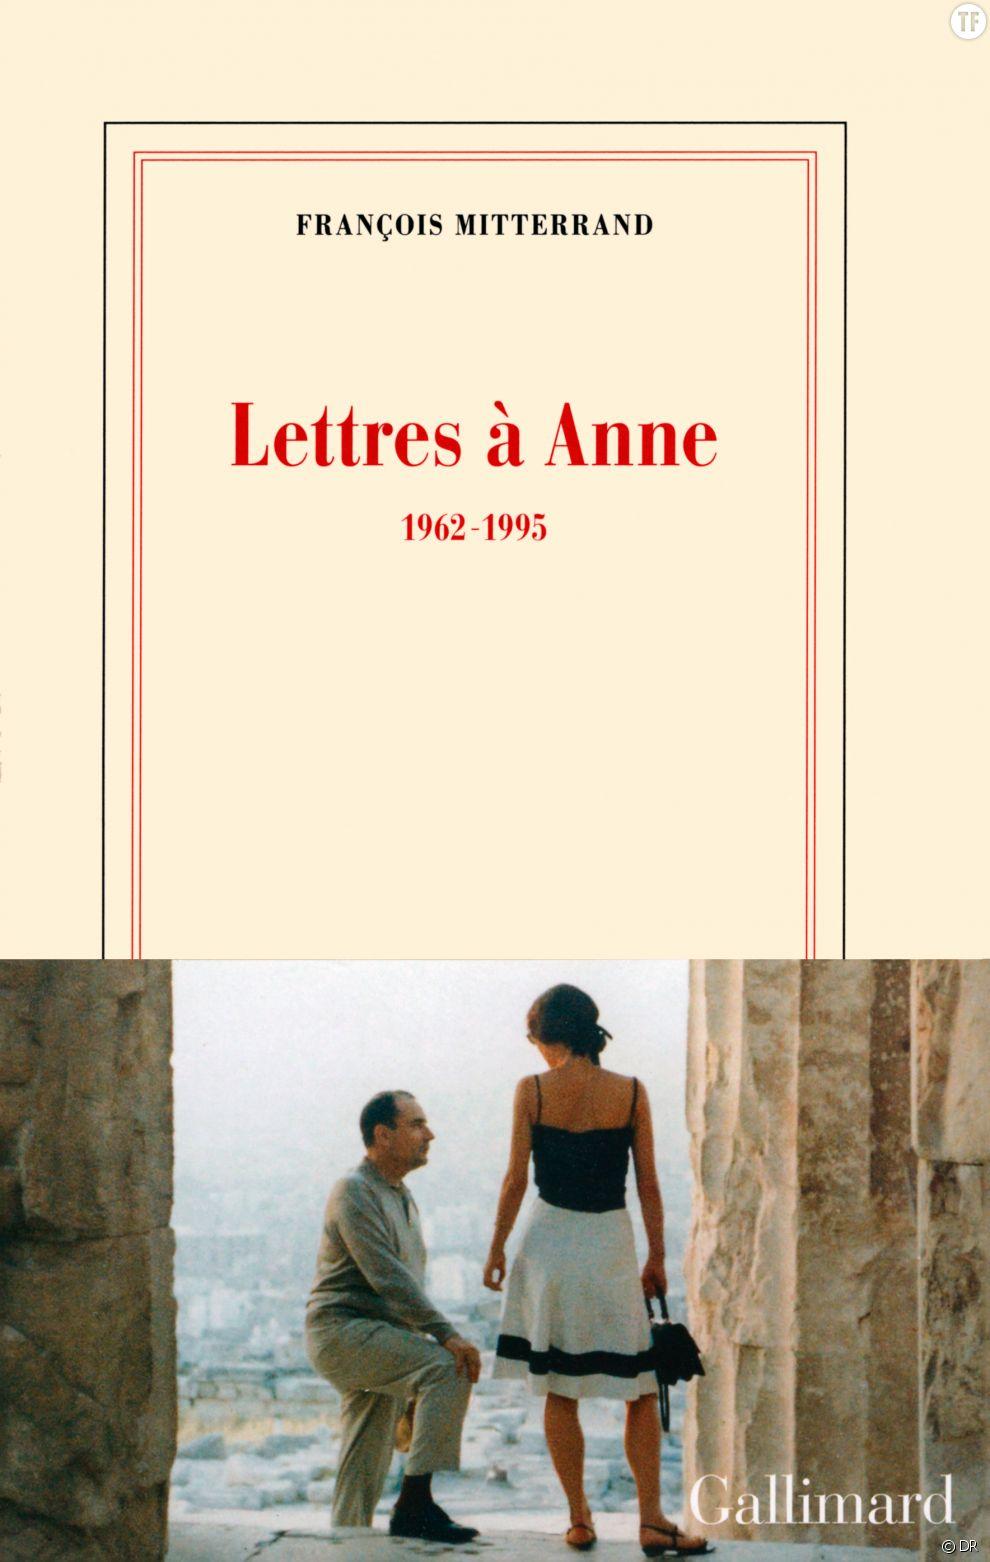 Lettres à Anne 1962-1995  de François Mitterrand, Éd. Gallimard,  35 euros sur Amazon